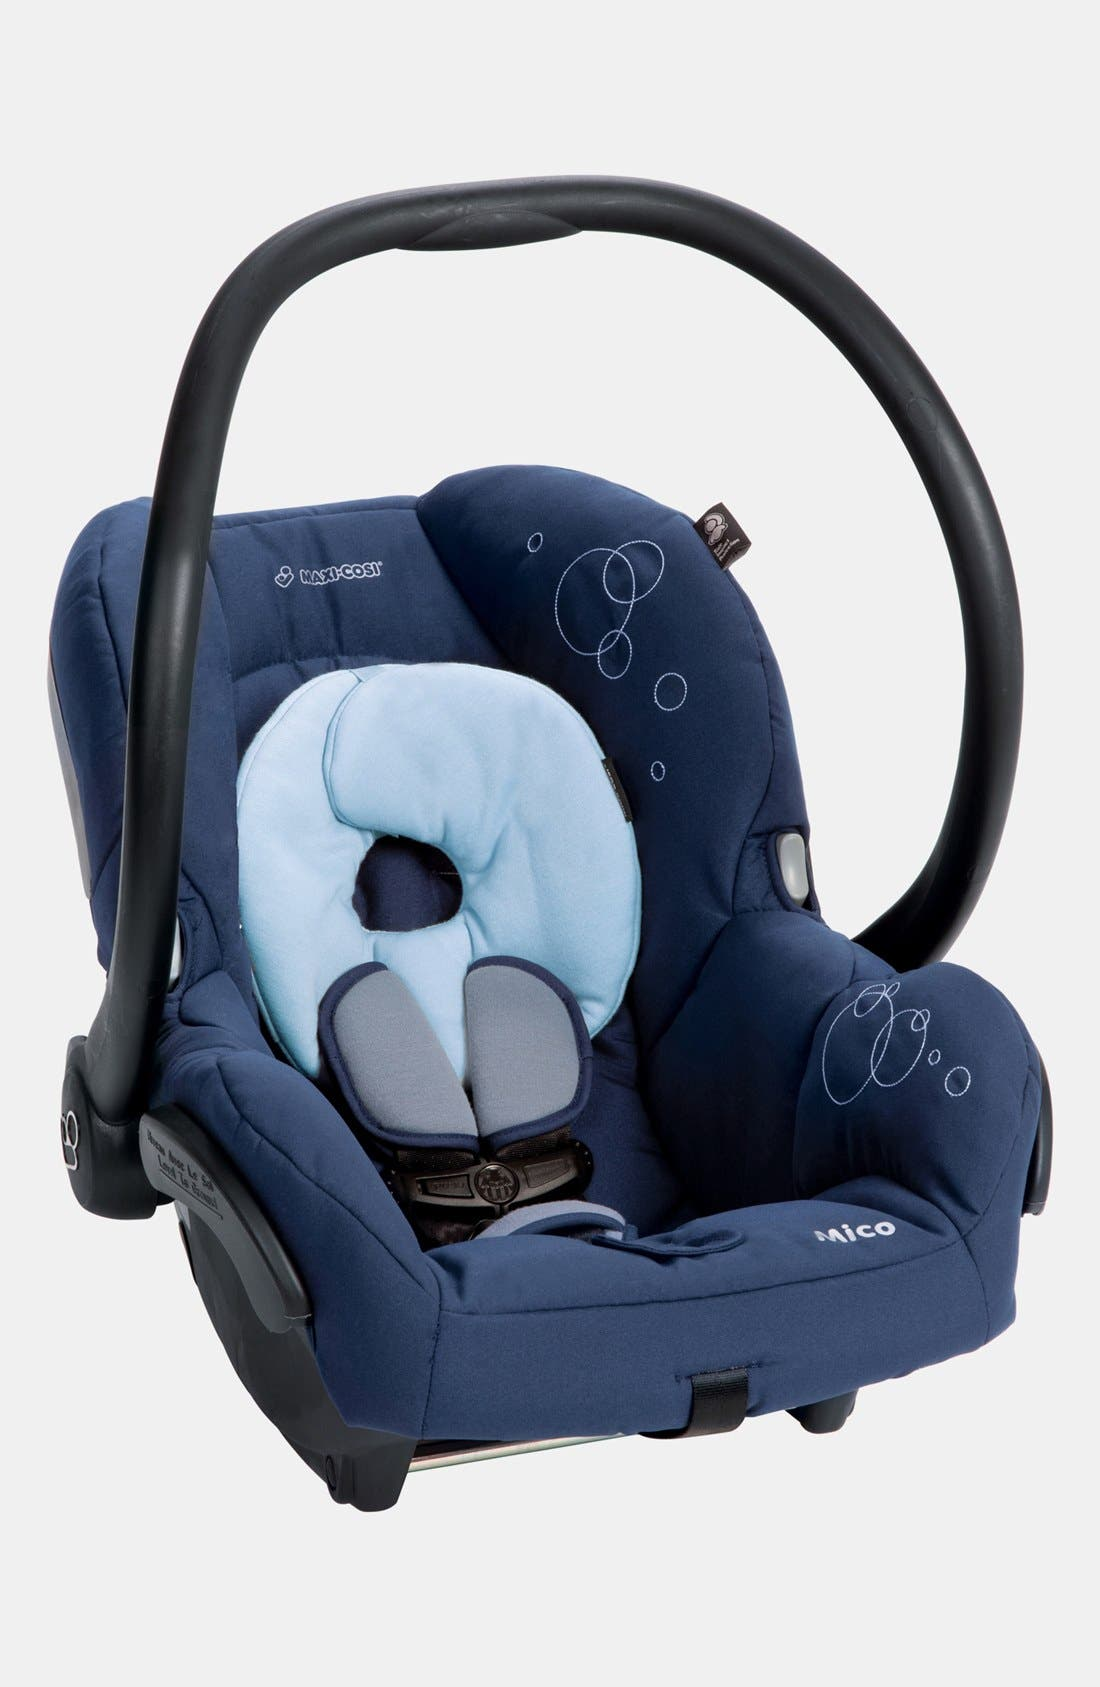 Main Image - Maxi-Cosi® 'Mico' Infant Car Seat